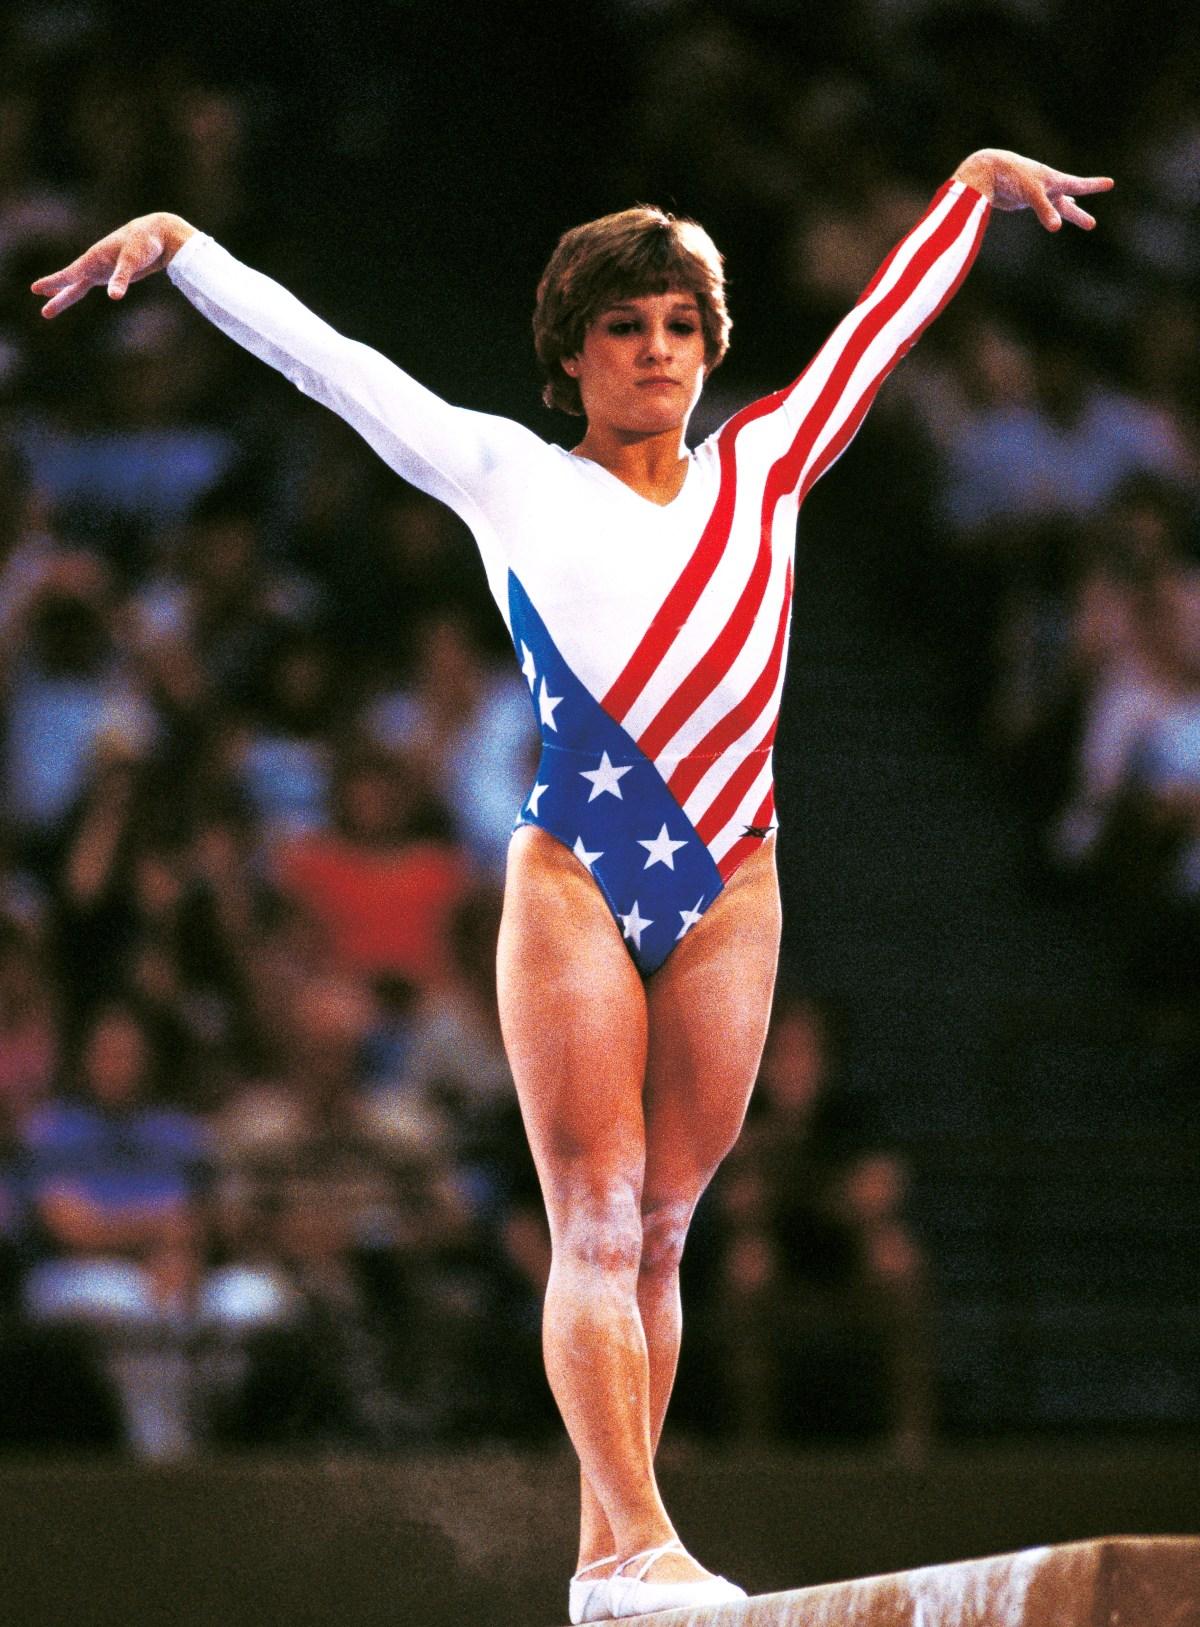 a2e89c32a6b1 Olympic Women s Gymnastics Leotards